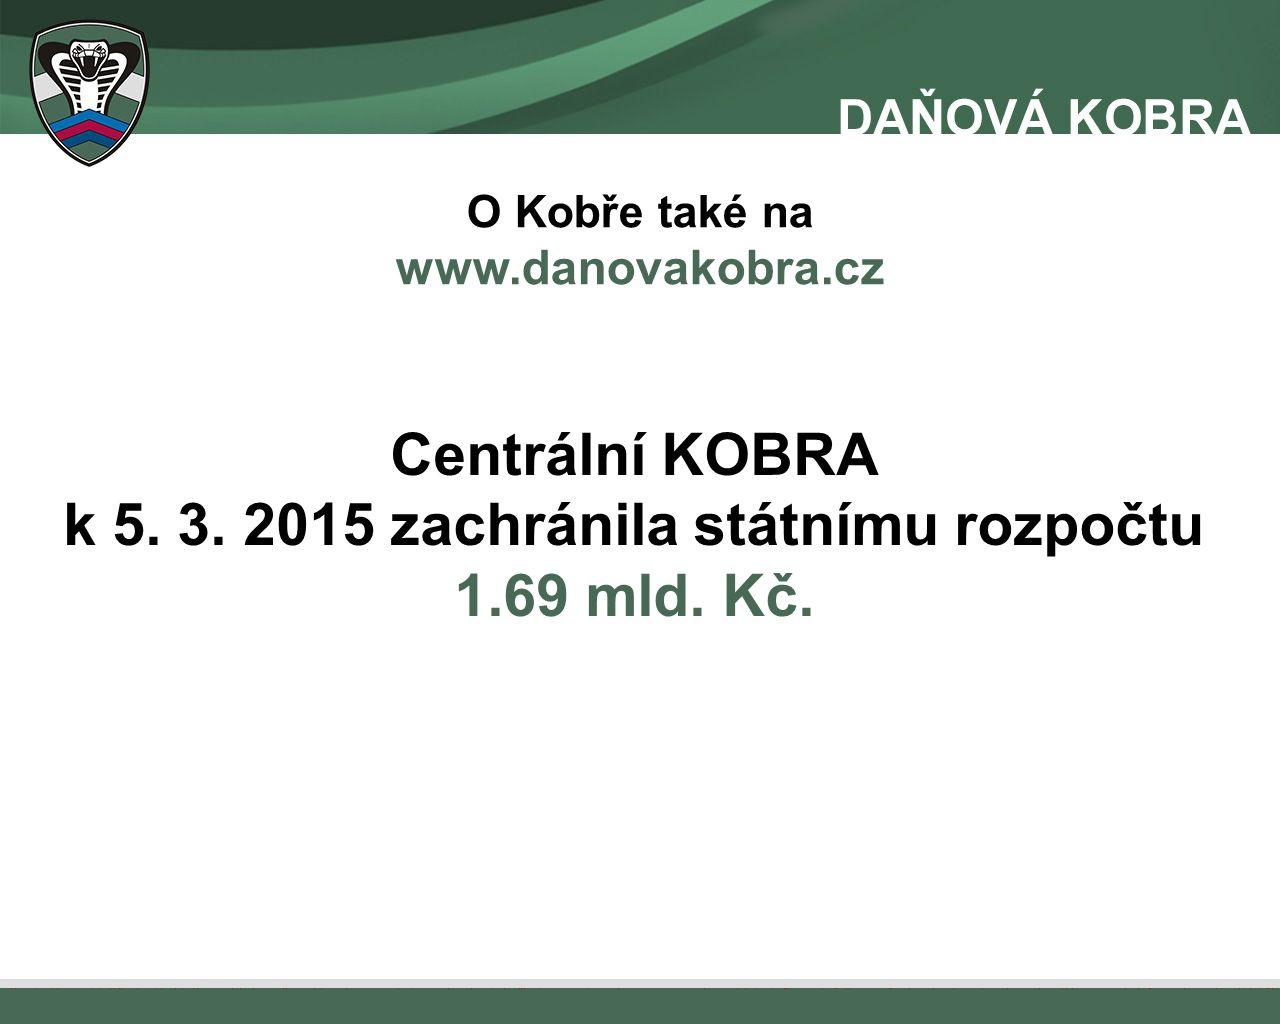 O Kobře také na www.danovakobra.cz Centrální KOBRA k 5. 3. 2015 zachránila státnímu rozpočtu 1.69 mld. Kč.